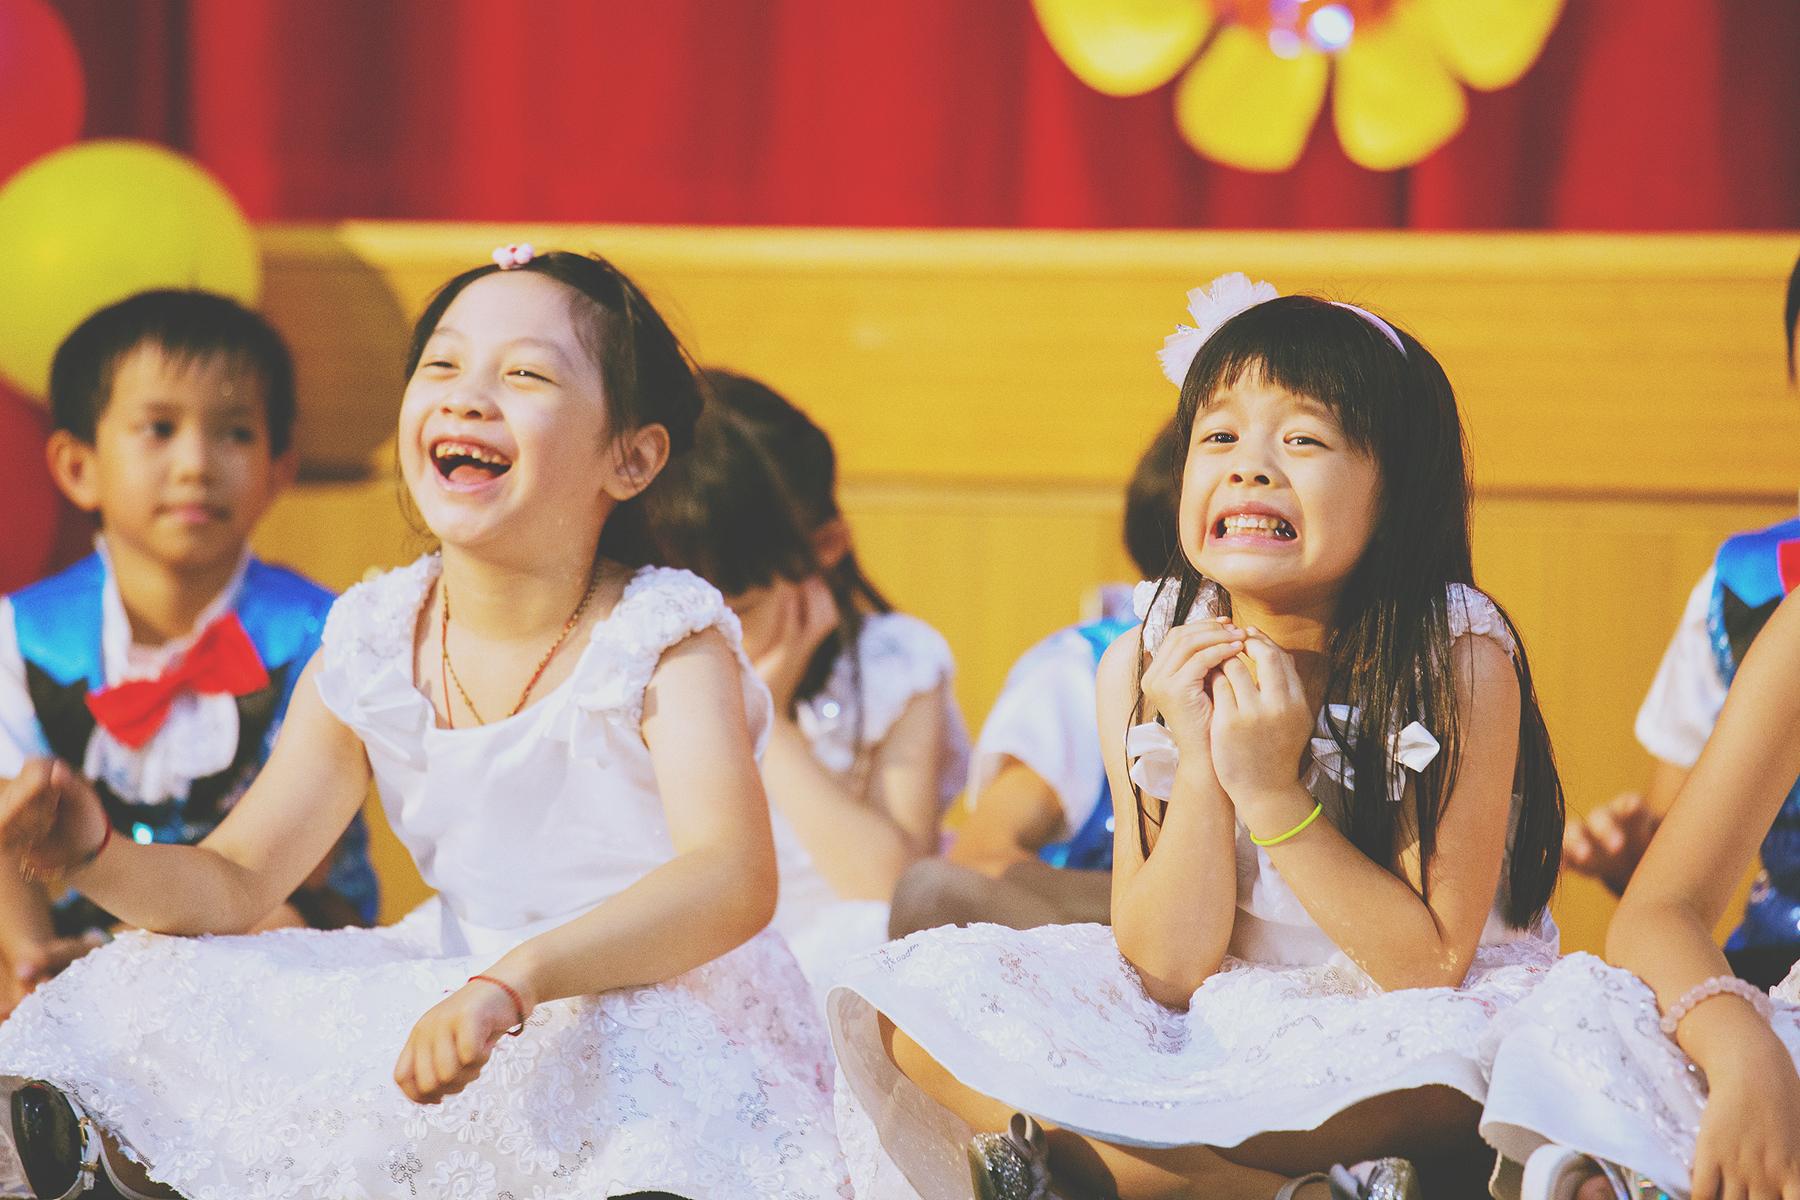 畢業典禮,家庭攝影,家庭寫真,兒童寫真,親子寫真,兒童攝影,全家福照,台北,自然風格,三峽國民中學附設幼兒園